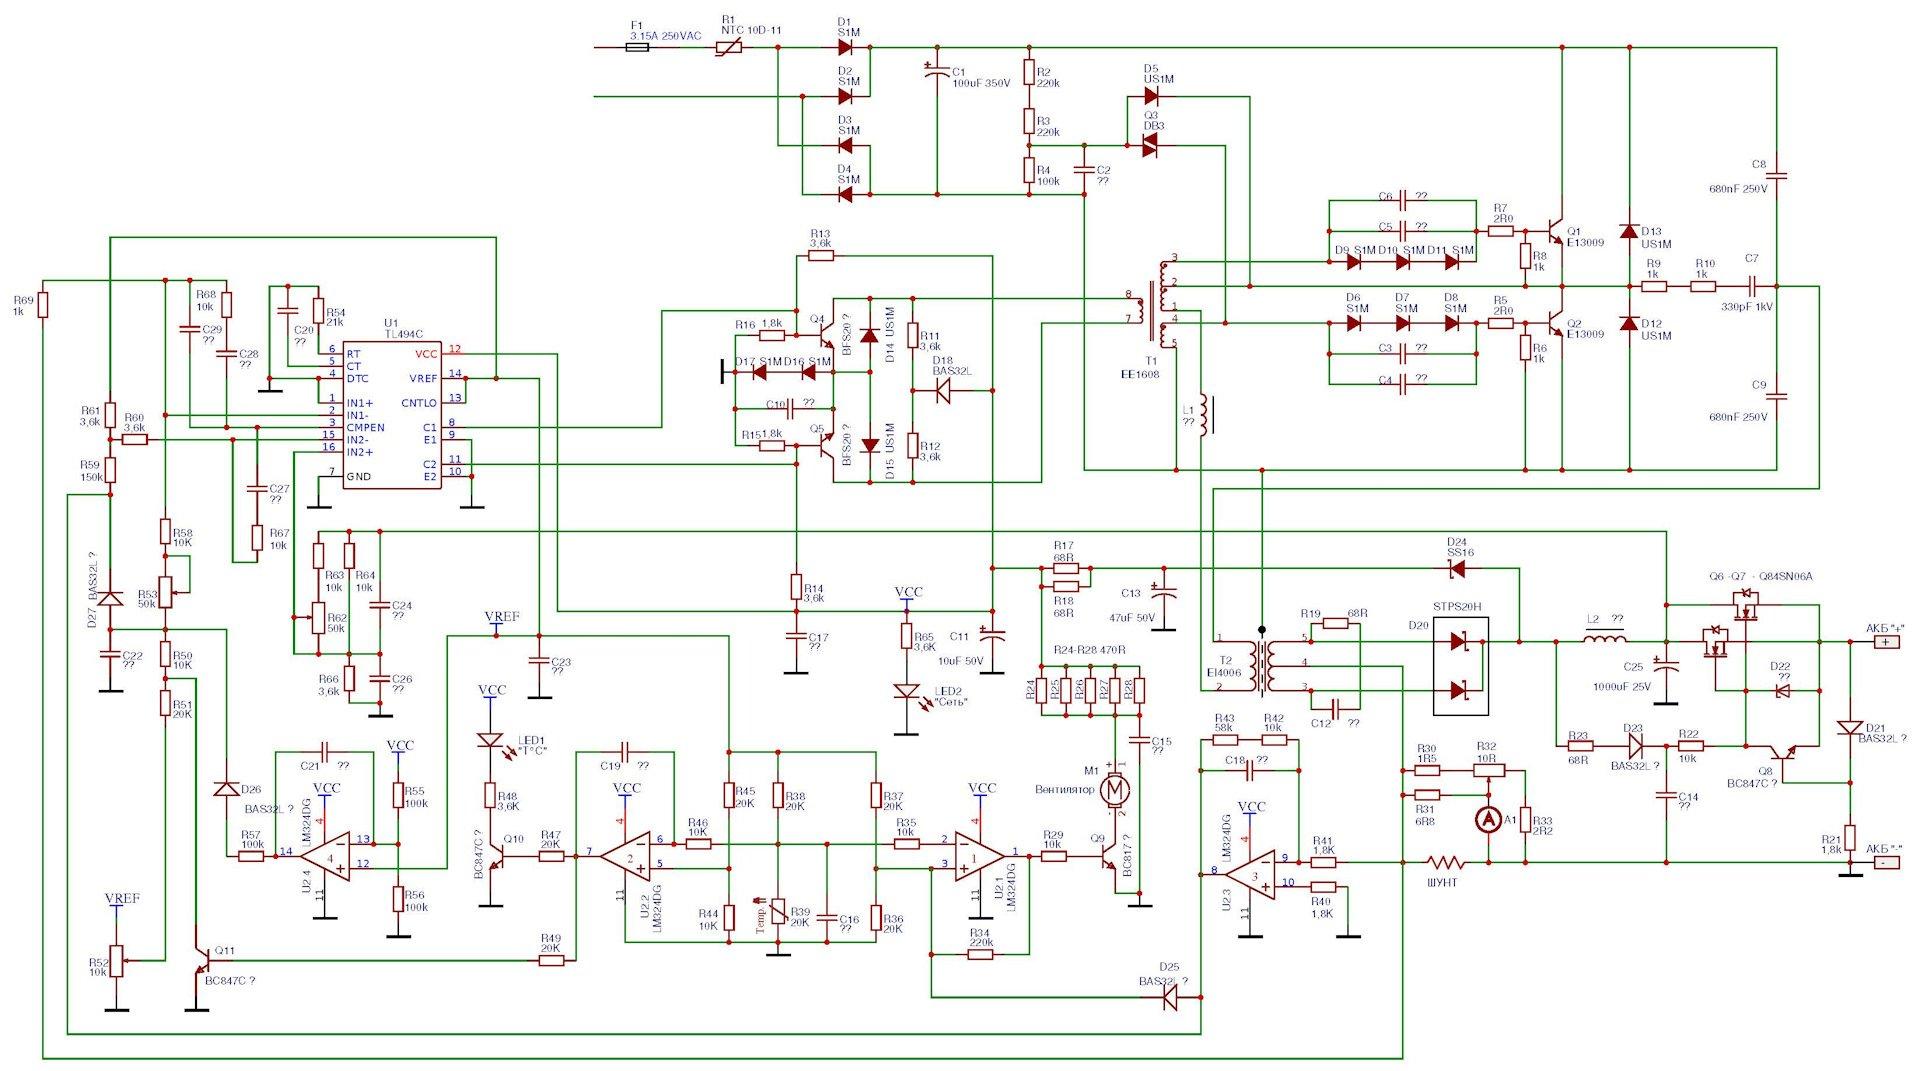 Принципиальная электрическая схема Орион Вымпел 265